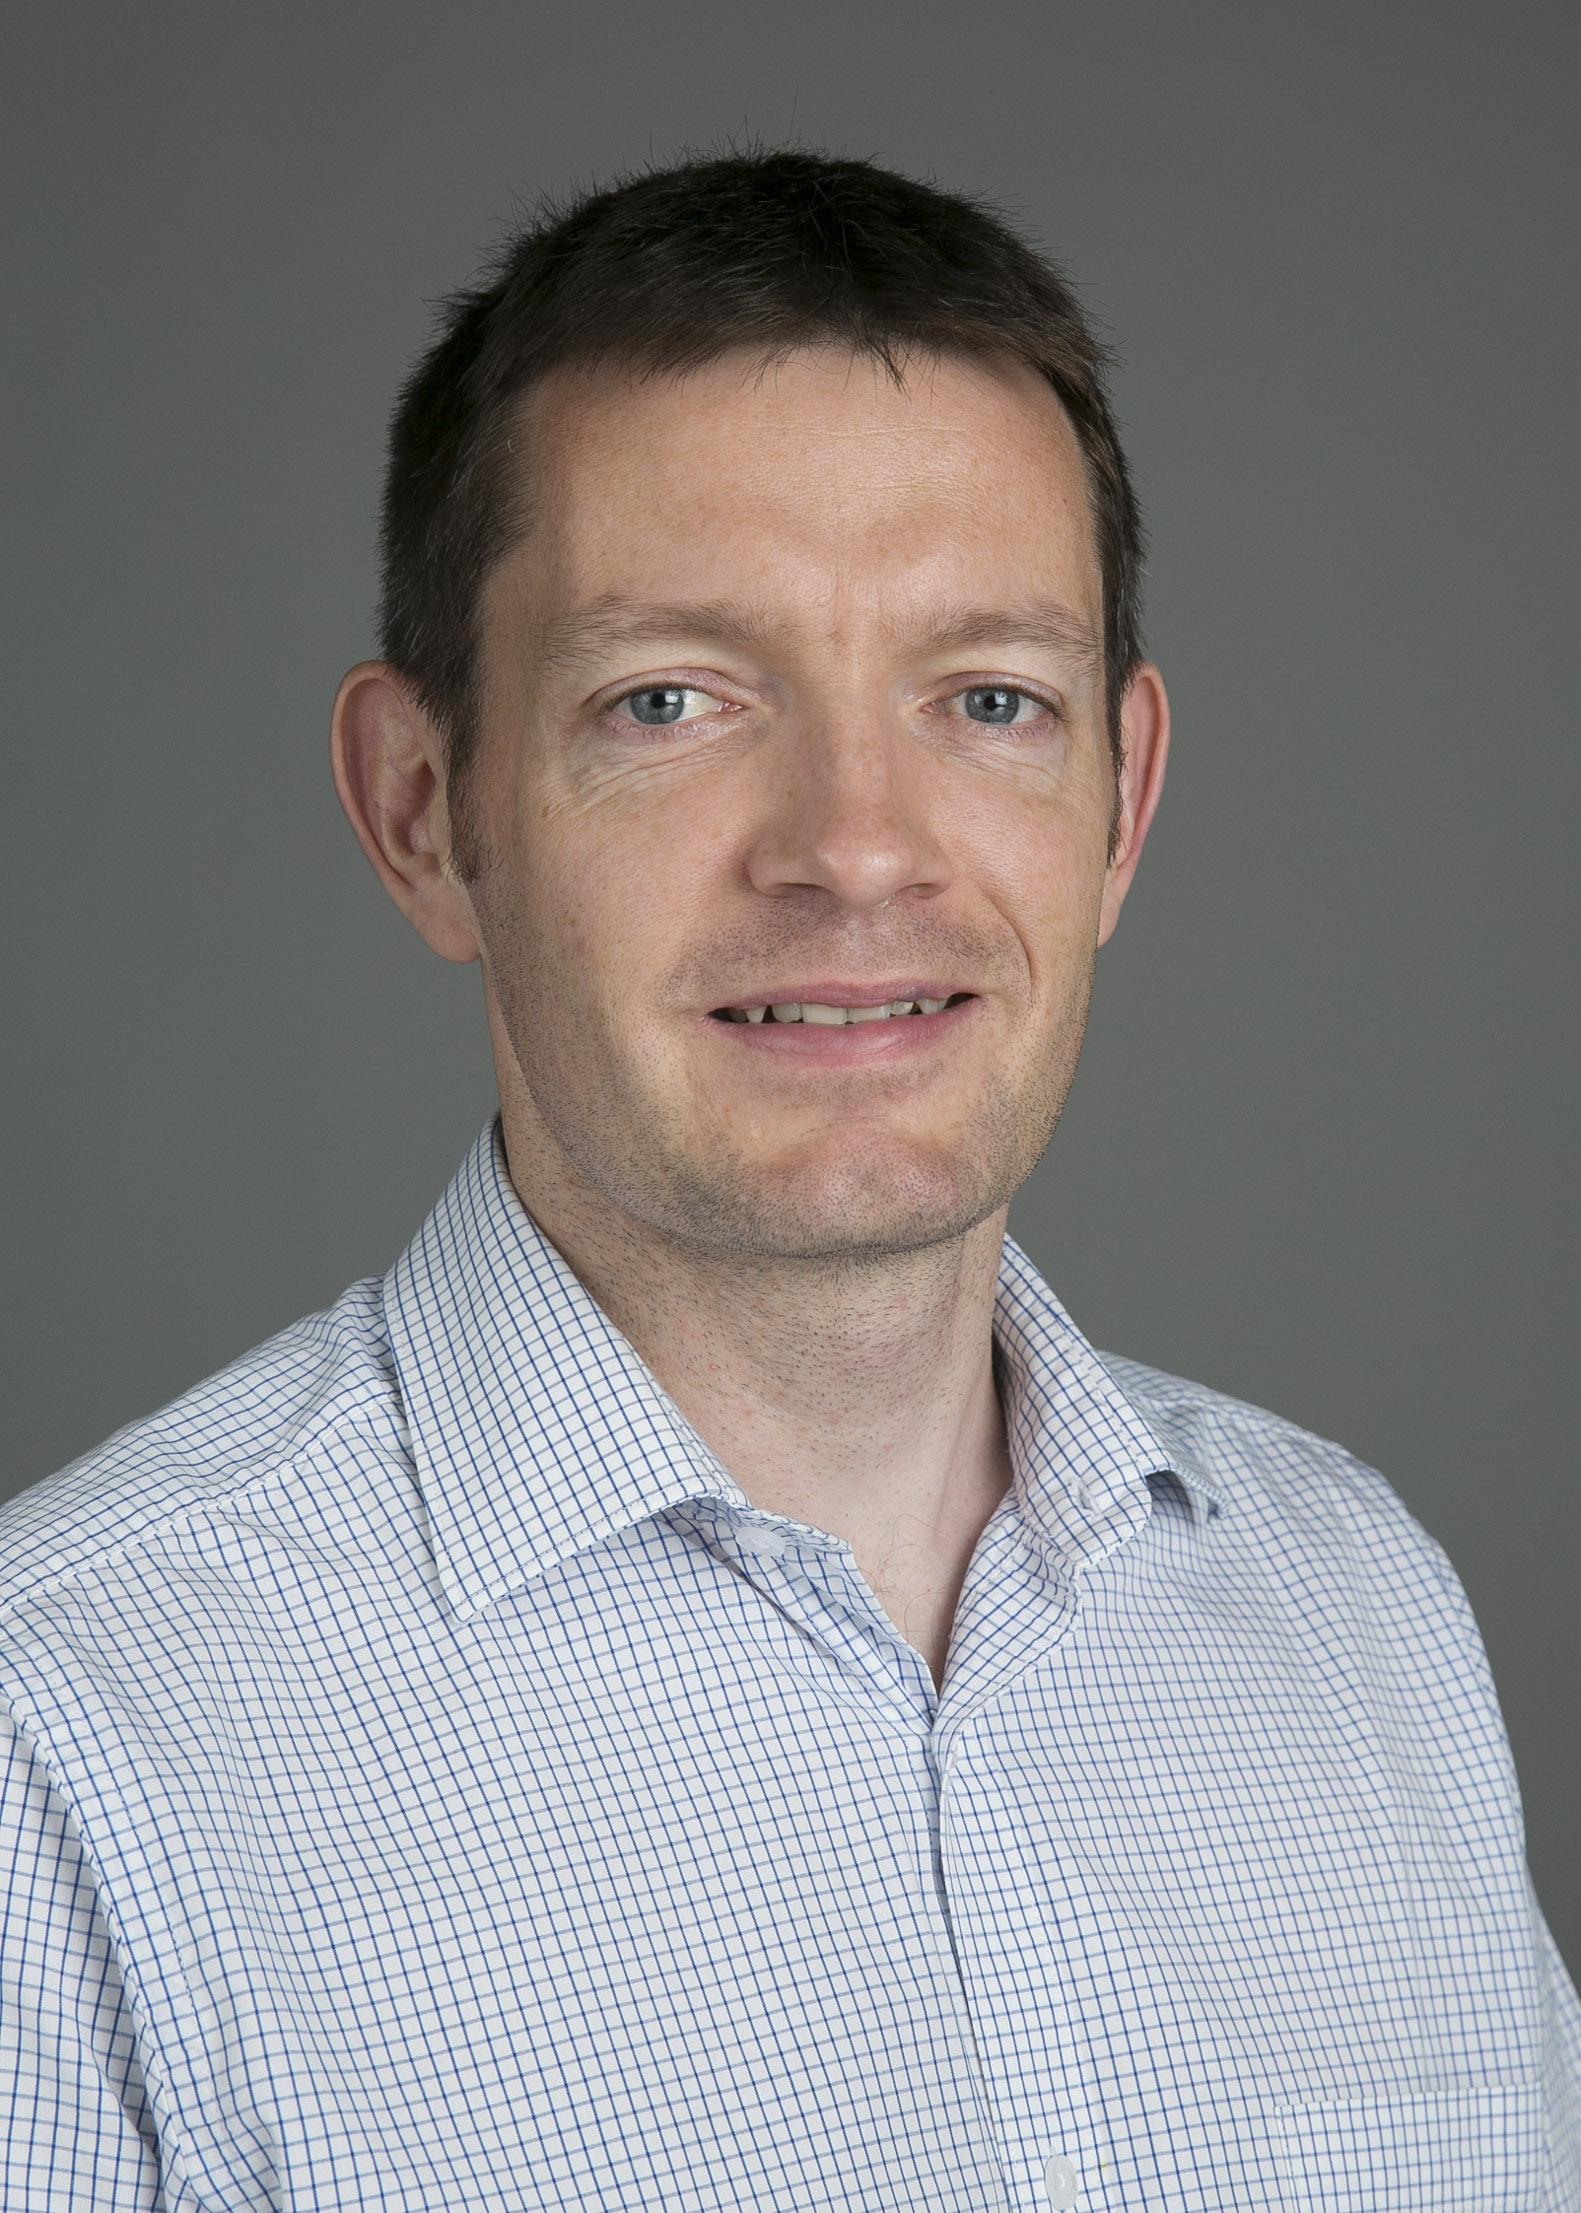 Conor O'Mahony